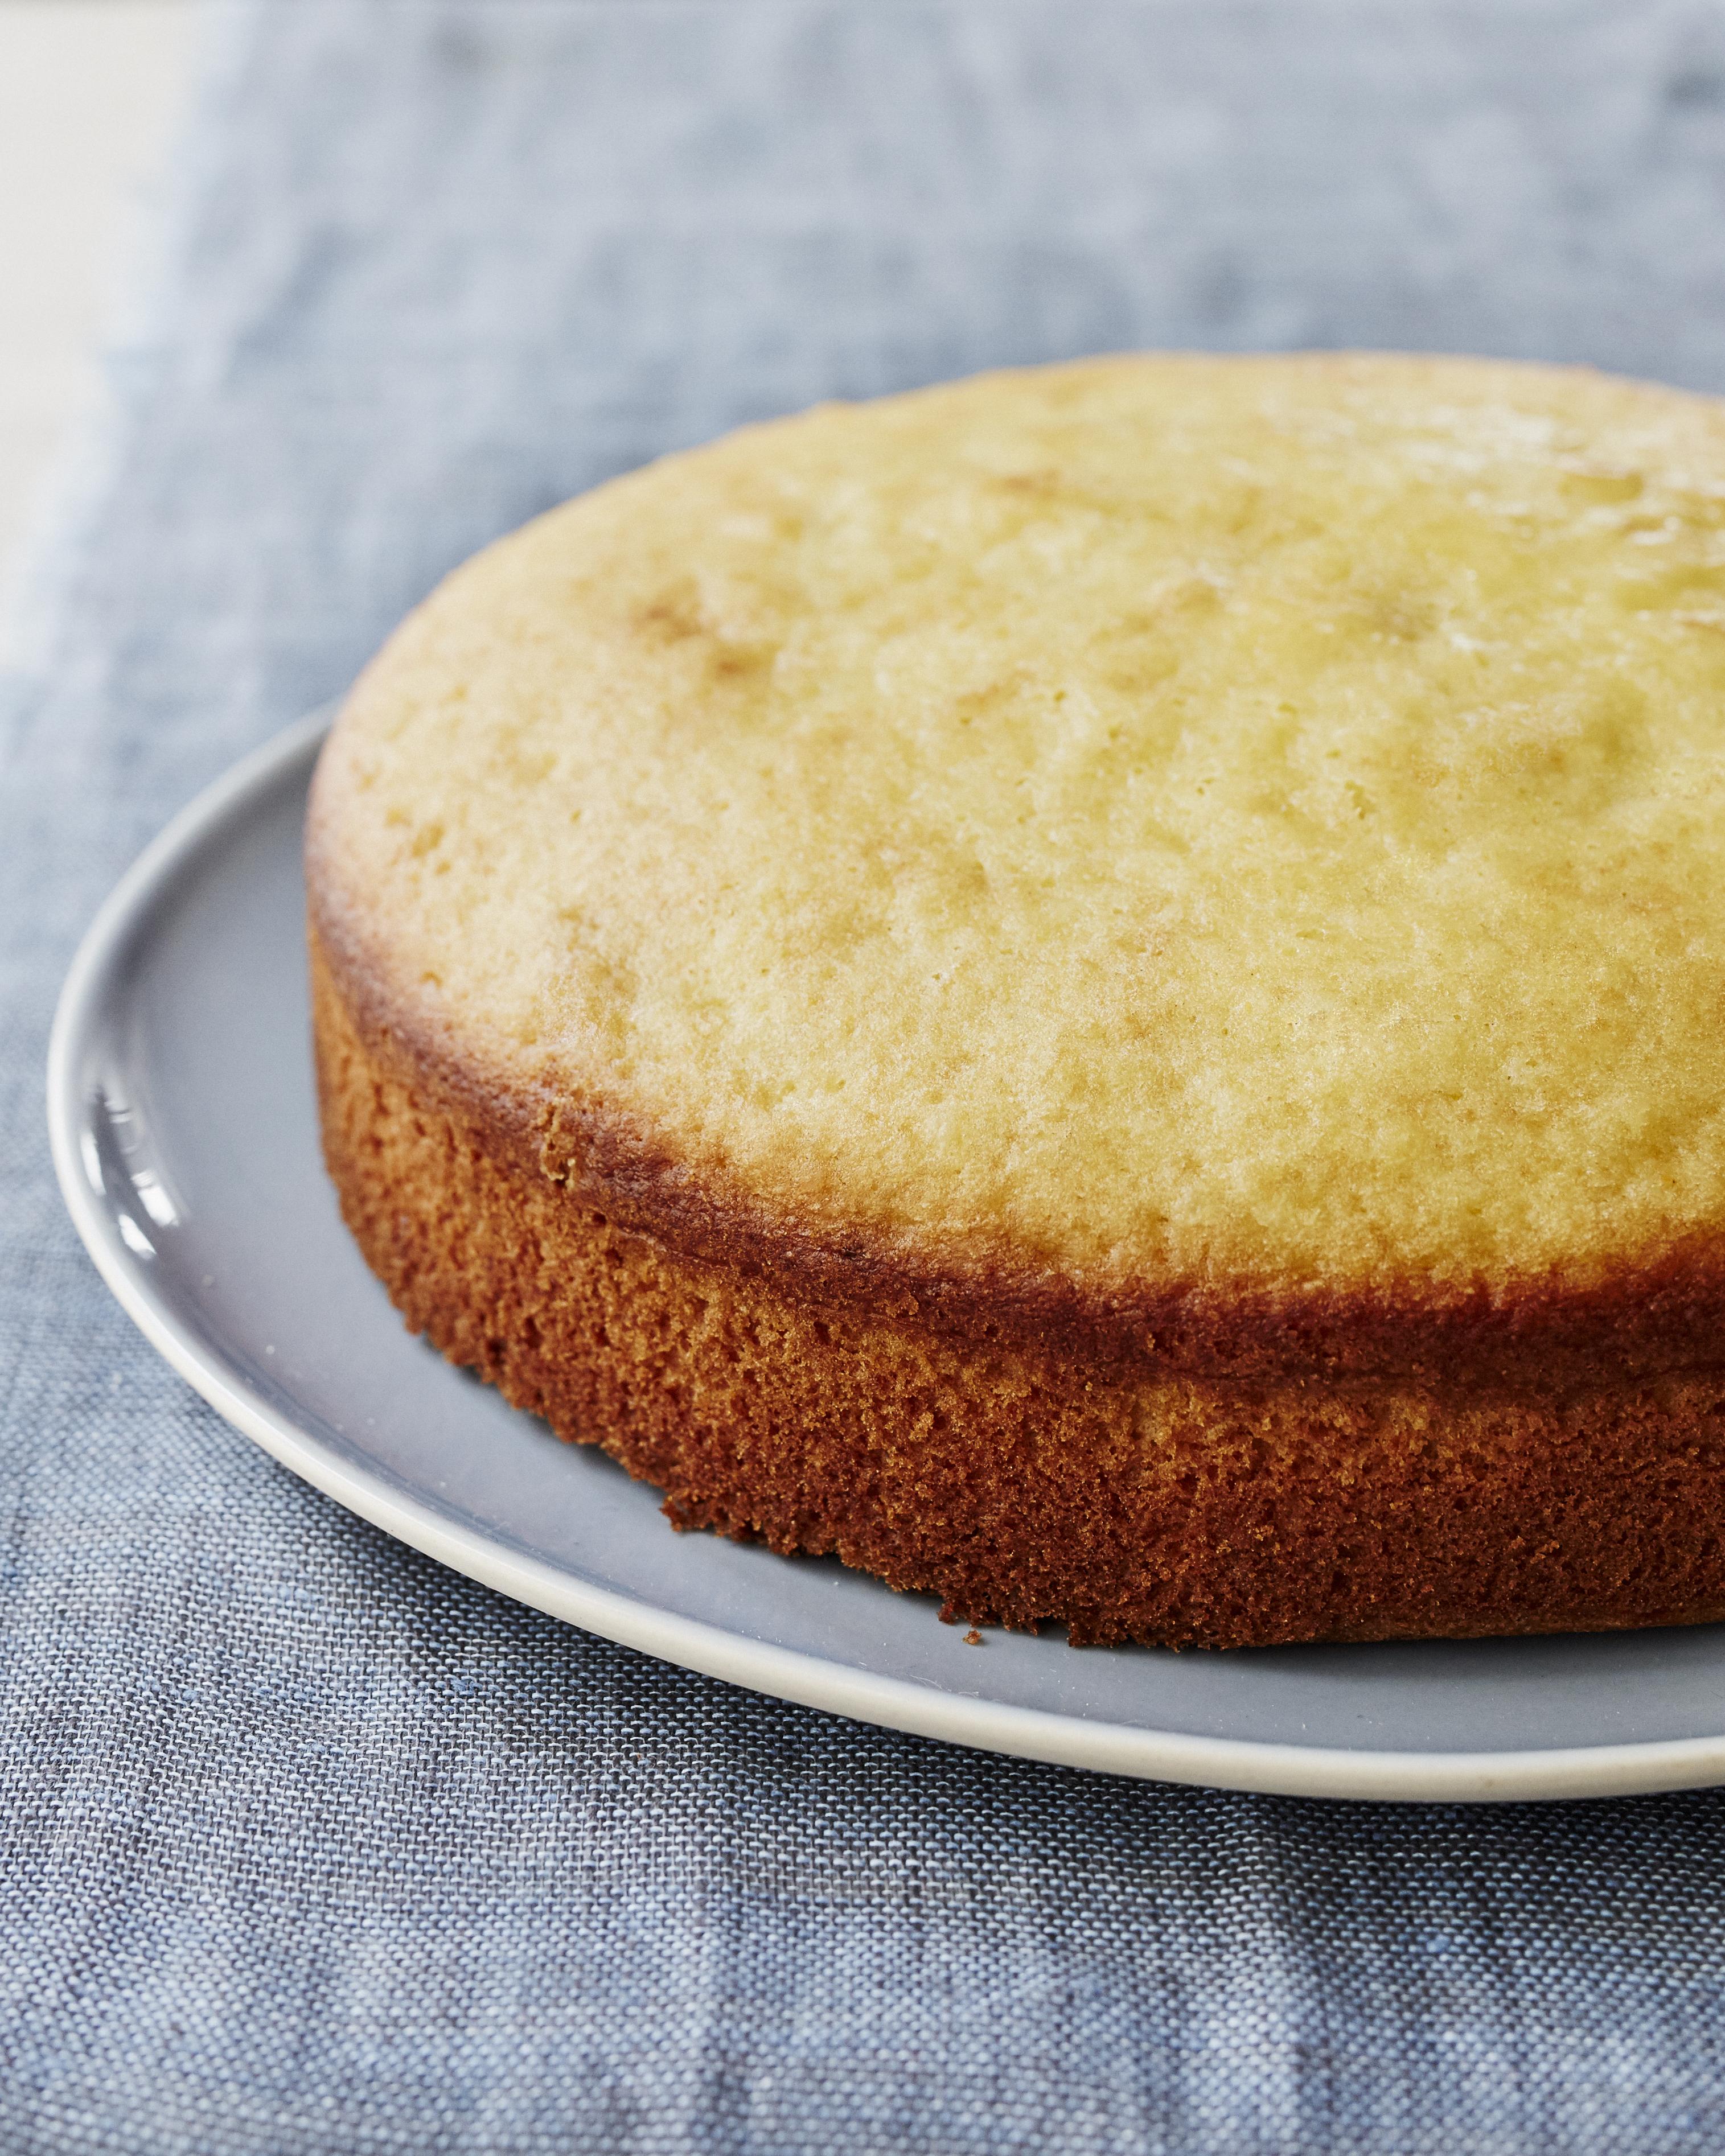 Olive oil cake no glaze